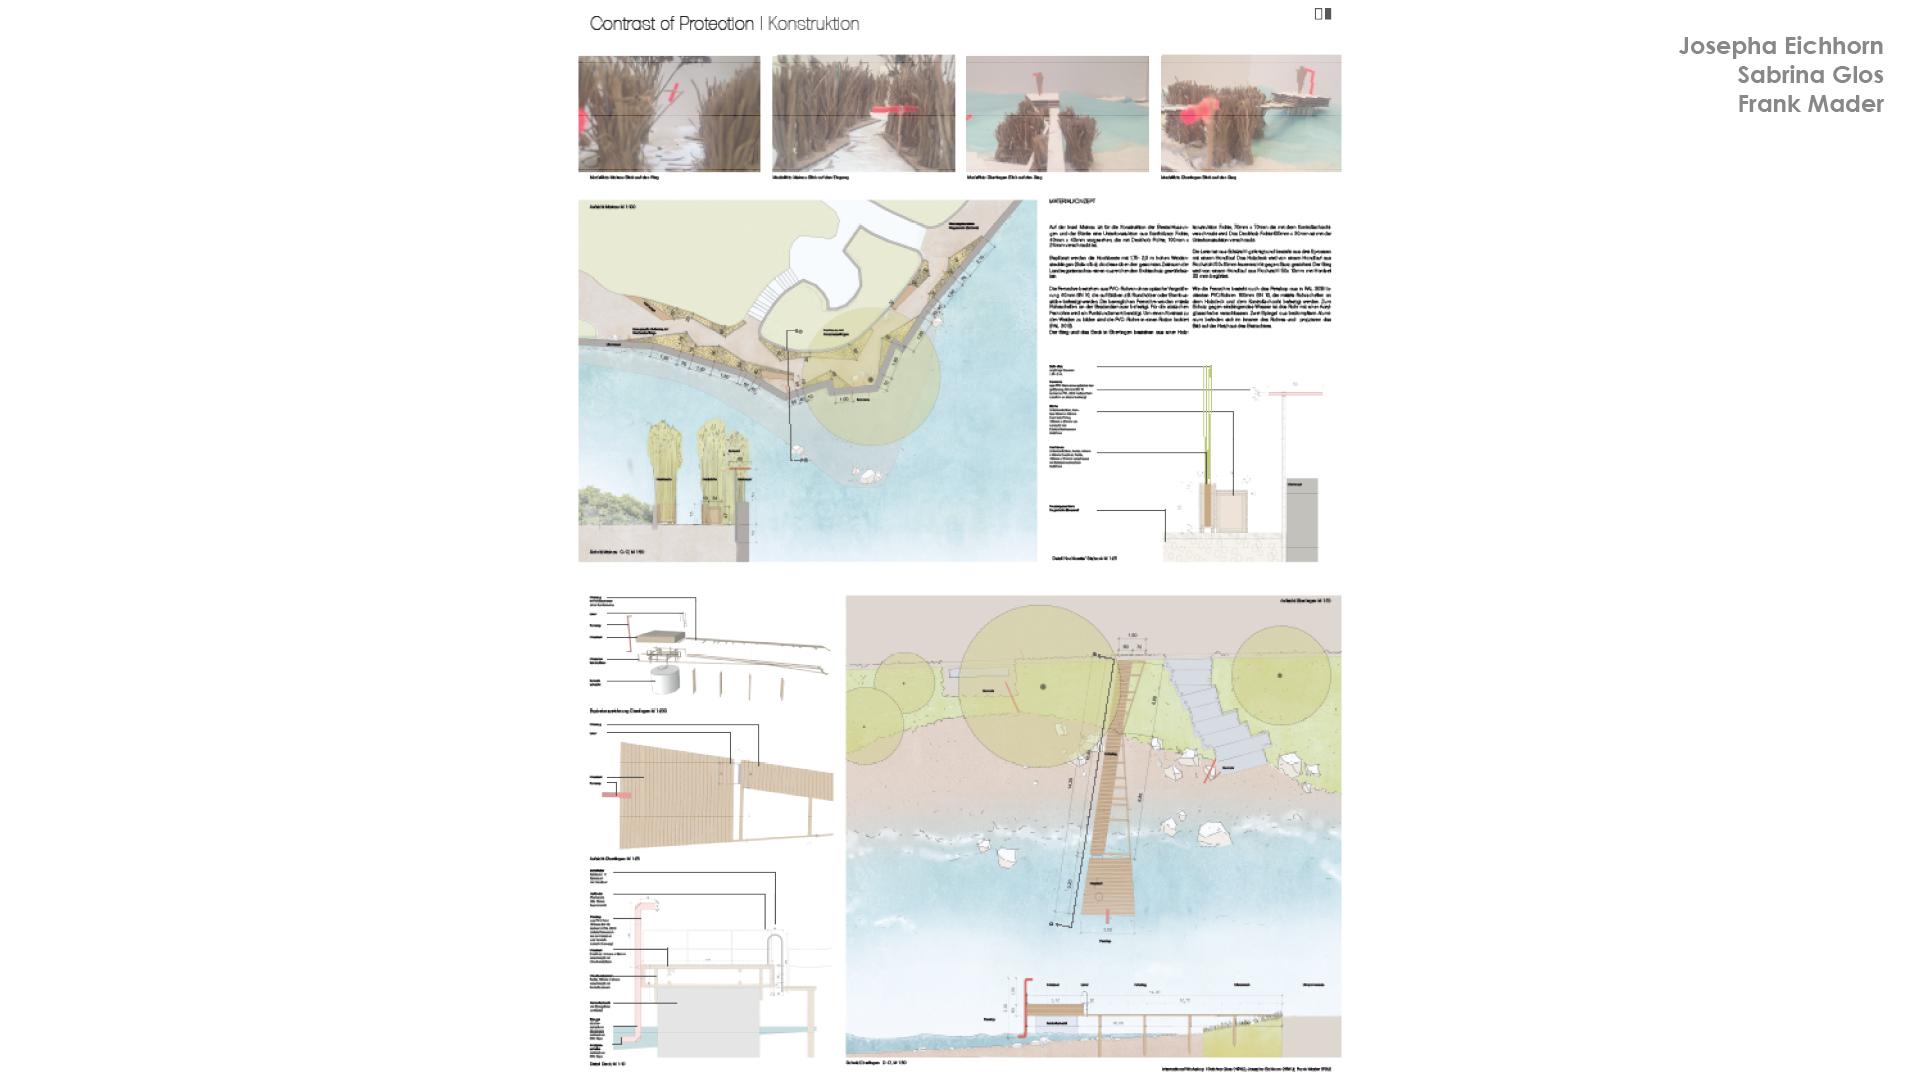 19 8 Workshop Intergrierte Planung Eichhorn, Glos, Mader 02